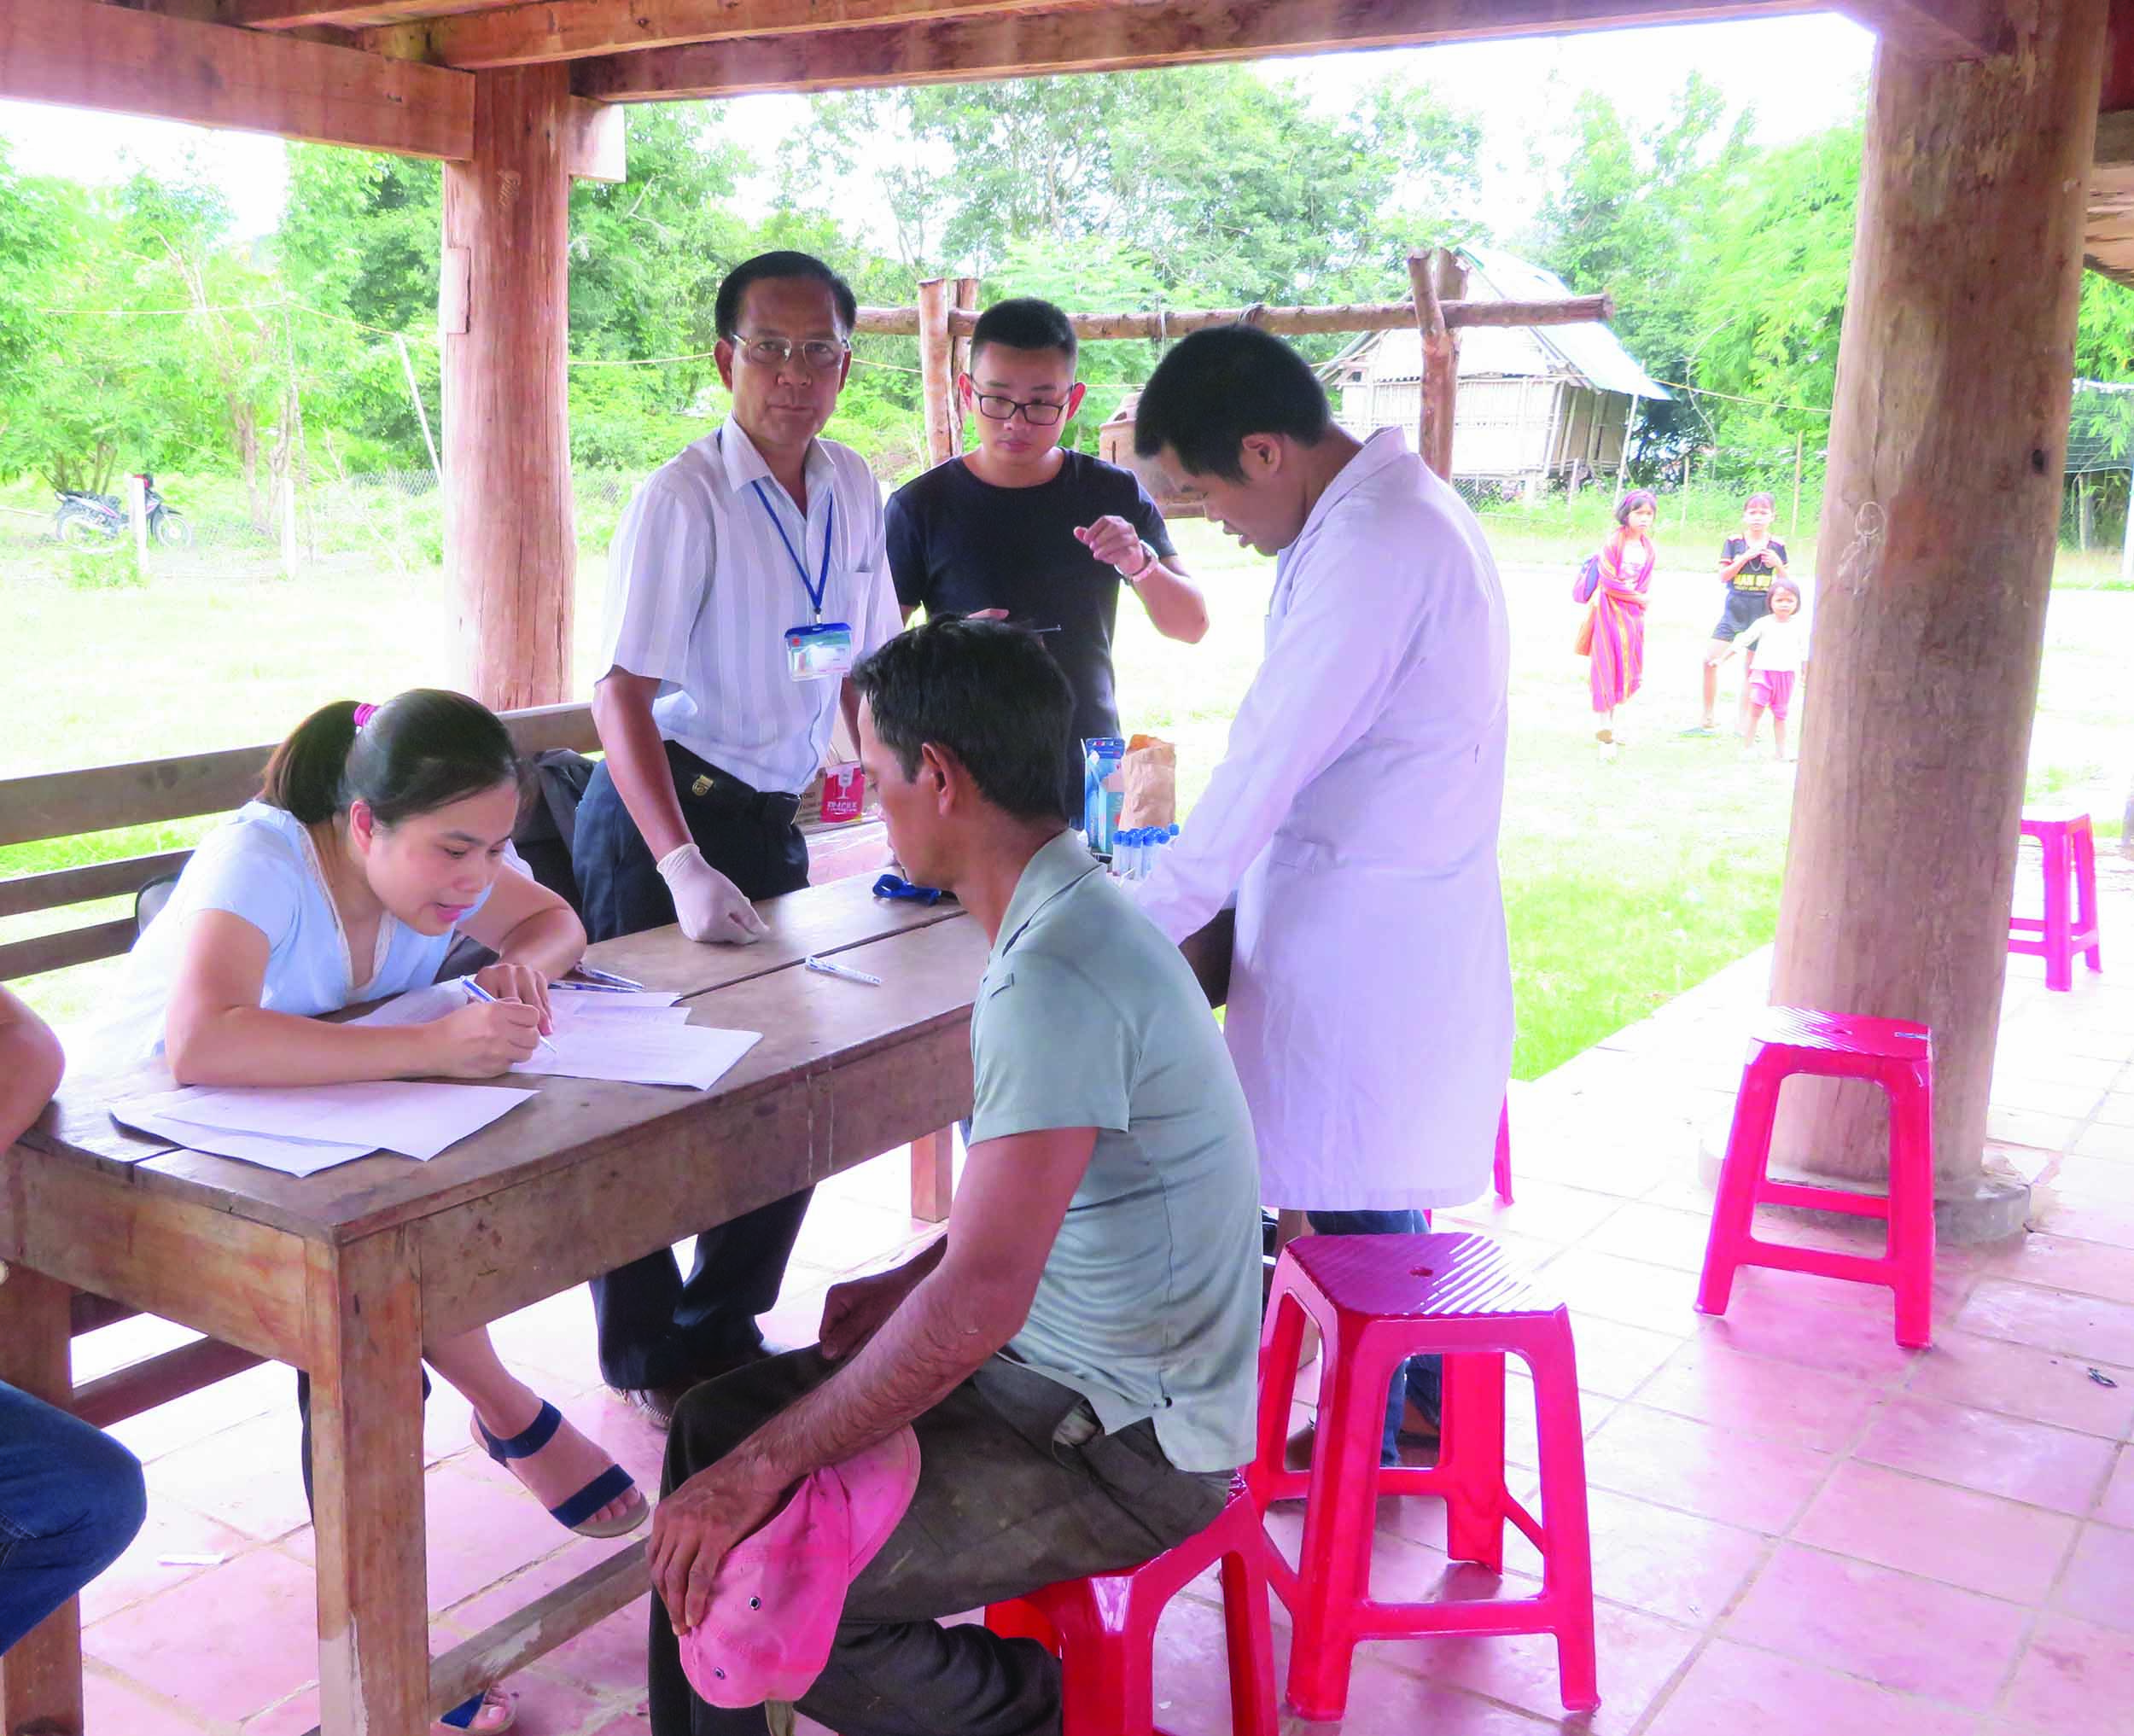 Đồng bào Rơ Măm ở thôn Làng Le, xã Mo Rai được thăm khám sức khỏe thường xuyên. (Ảnh chụp ngày 23/7/2019)